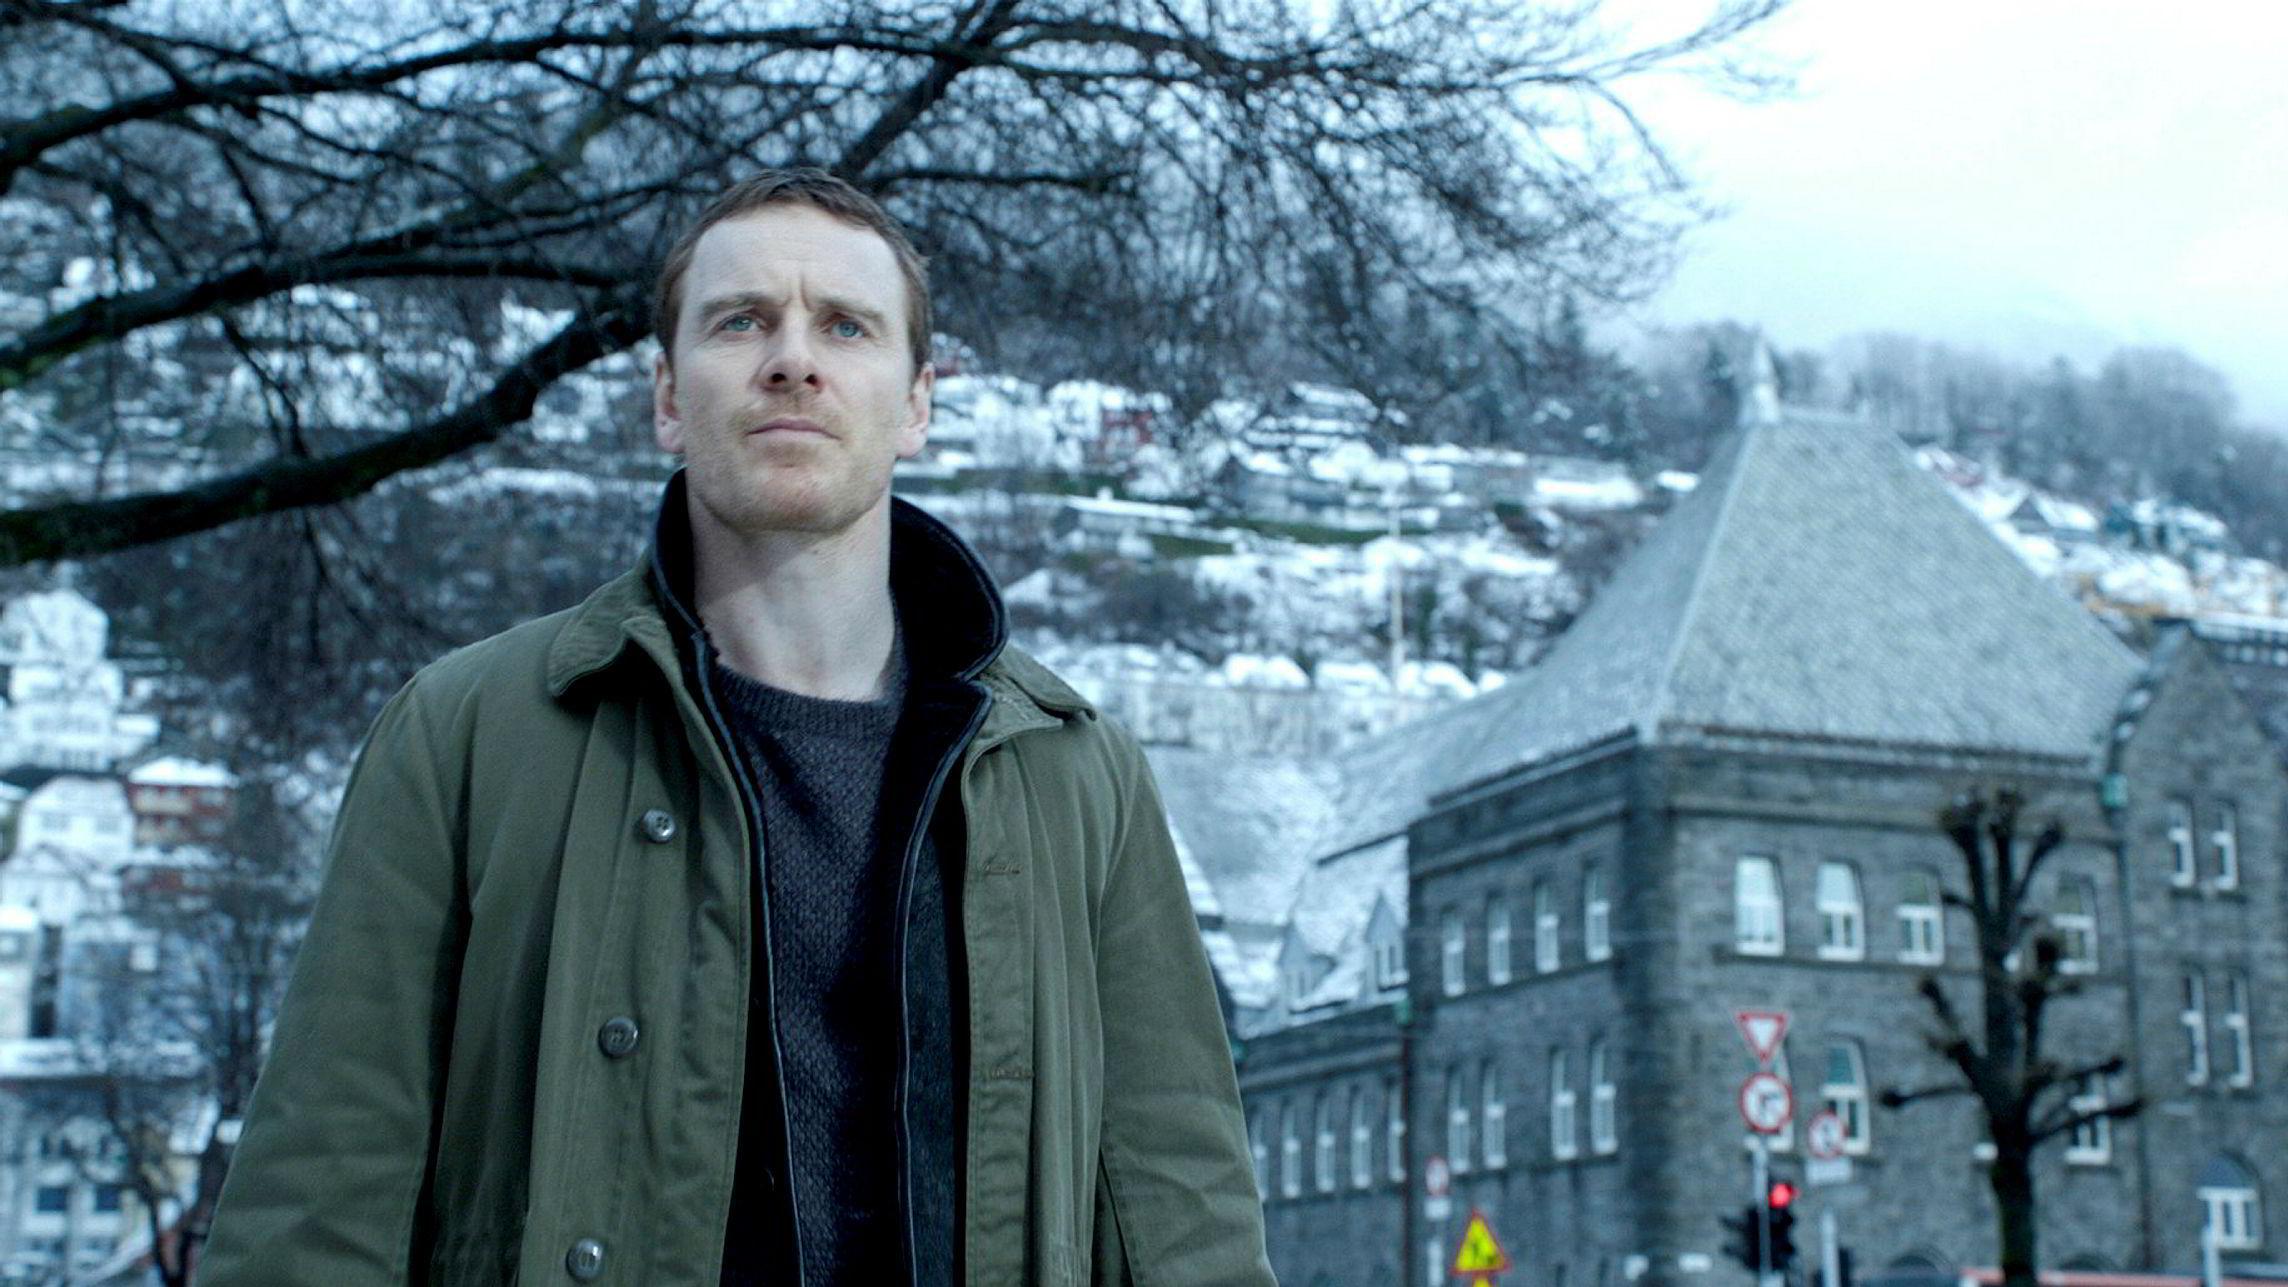 «Snømannen» spilte inn 3,4 millioner dollar i åpningshelgen på det amerikanske markedet. Hollywood-stjernen Michael Fassbender spiller Harry Hole i filmatiseringen av Jo Nesbøs krimroman.